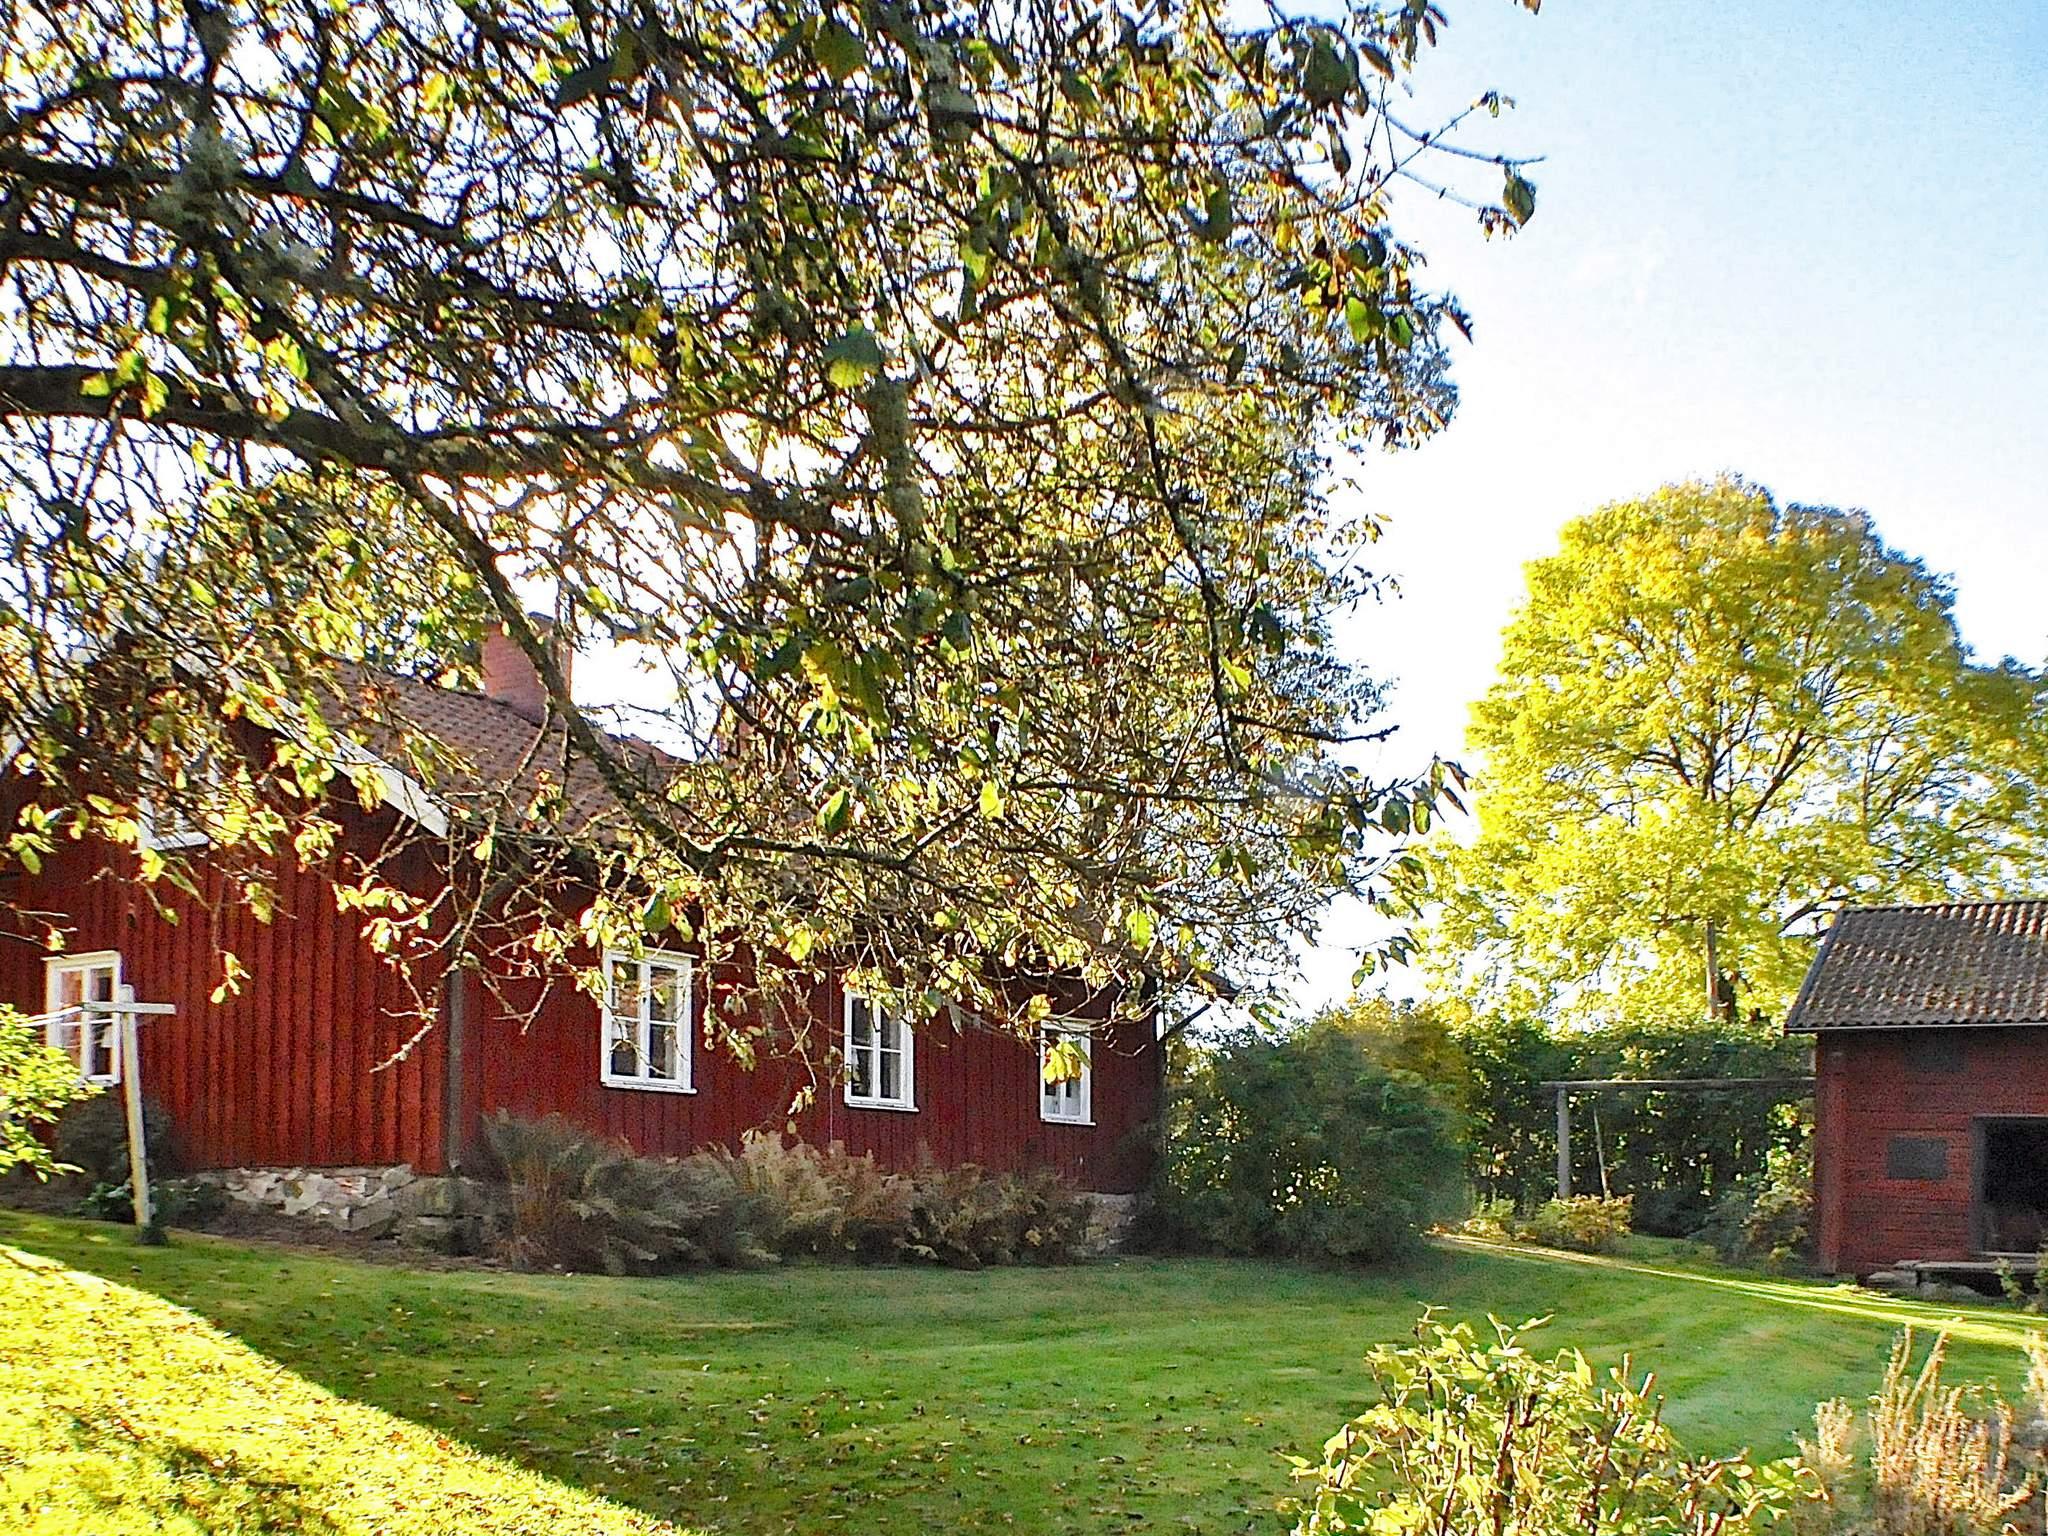 Ferienhaus Vargön (1726332), Vargön, Västra Götaland län, Westschweden, Schweden, Bild 16